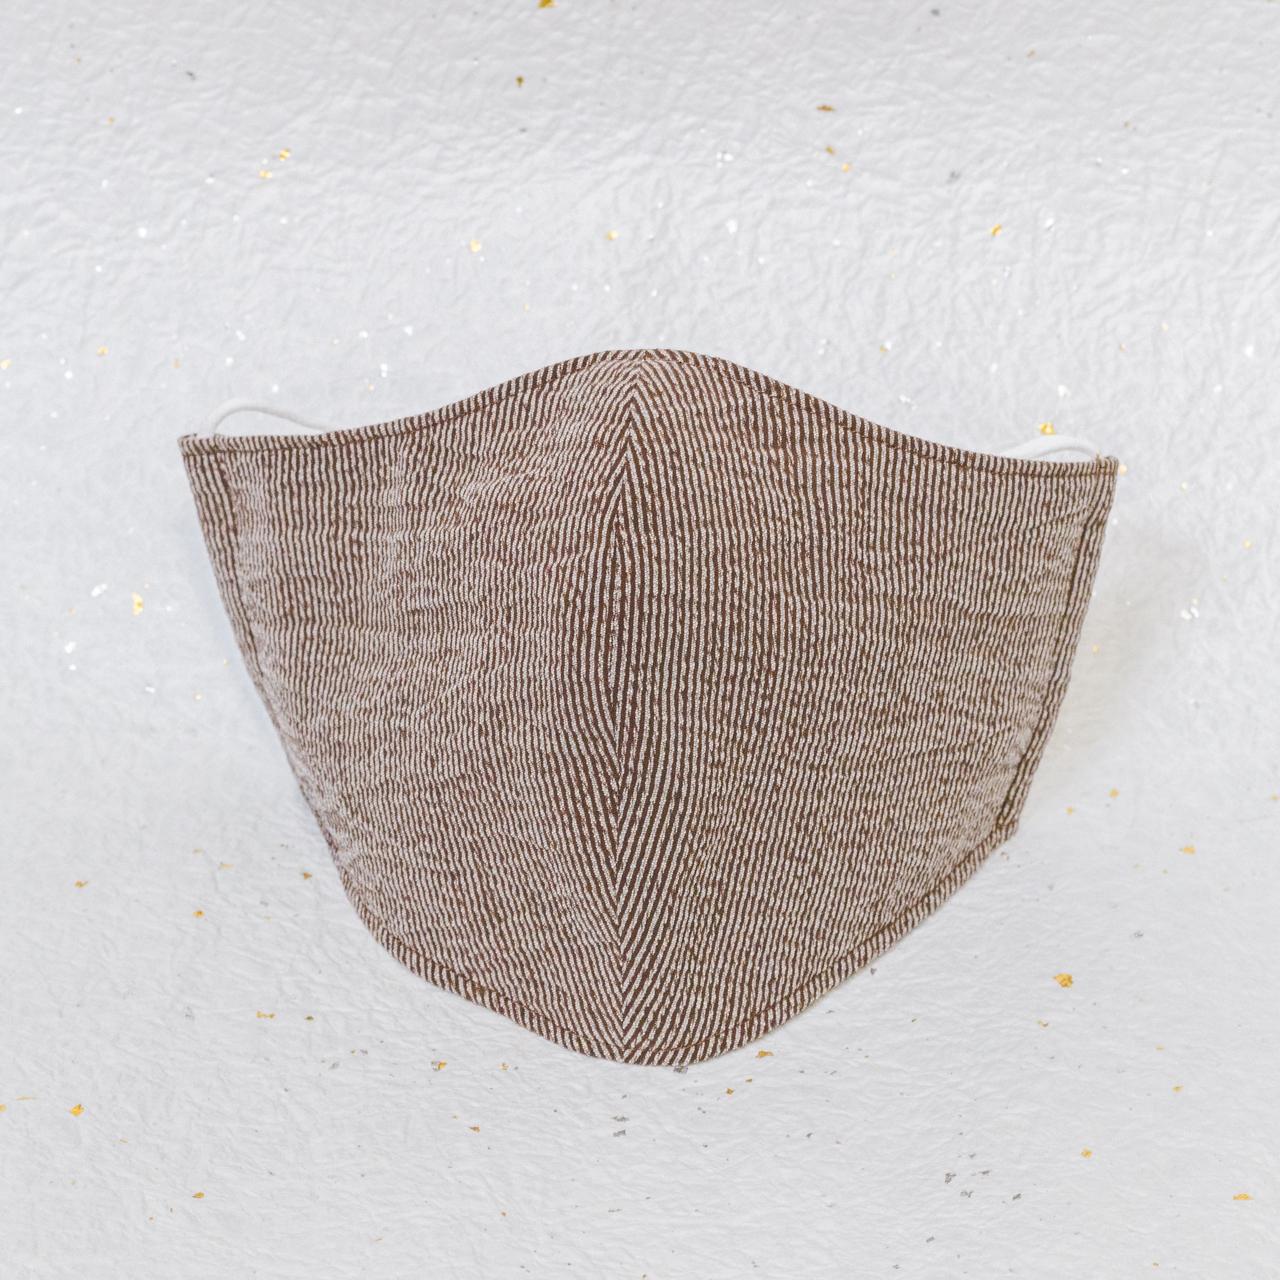 モダン和紙織りマスク クラシック ブラウン(茶)